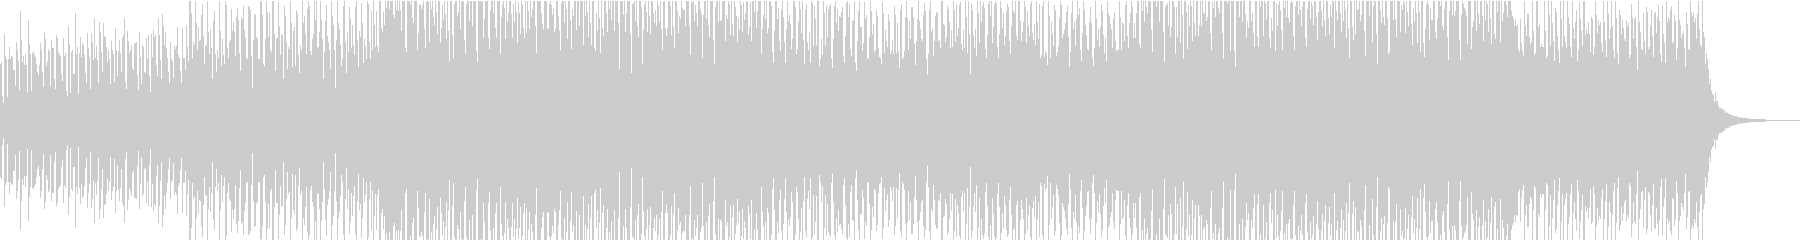 爽やかなエレクトロBGMの未再生の波形